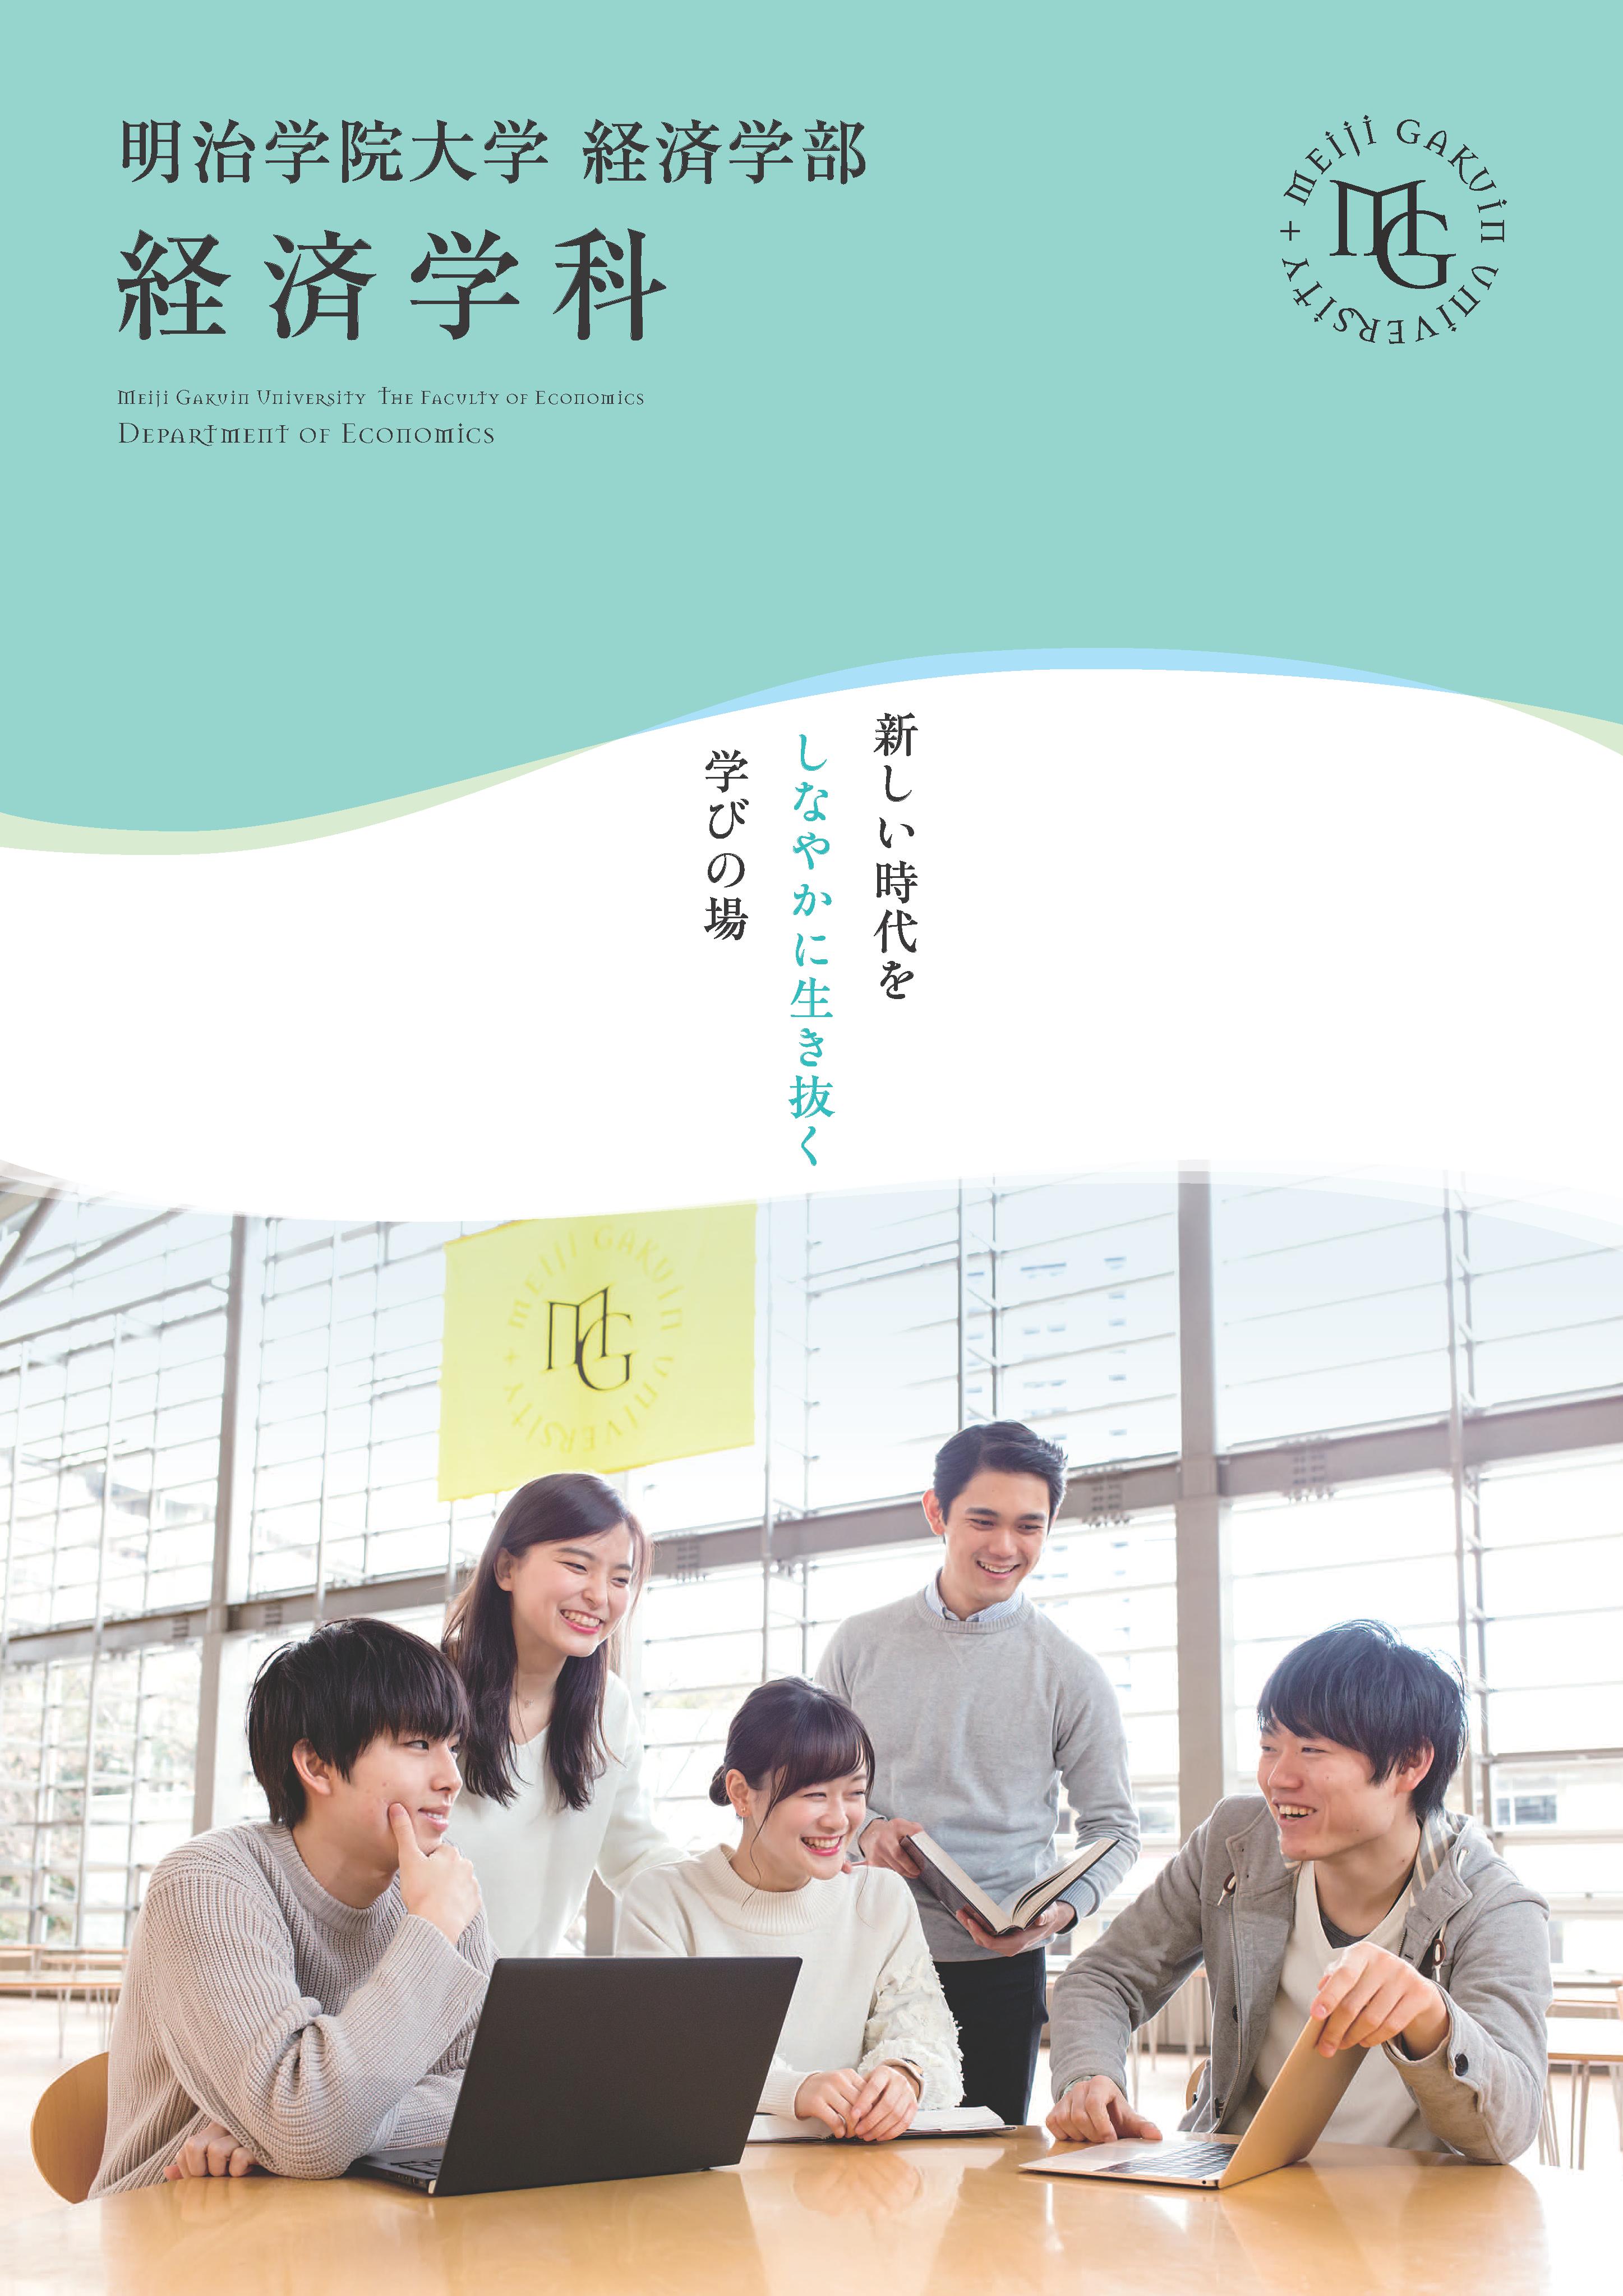 デジタル パンフレット pdf 保存